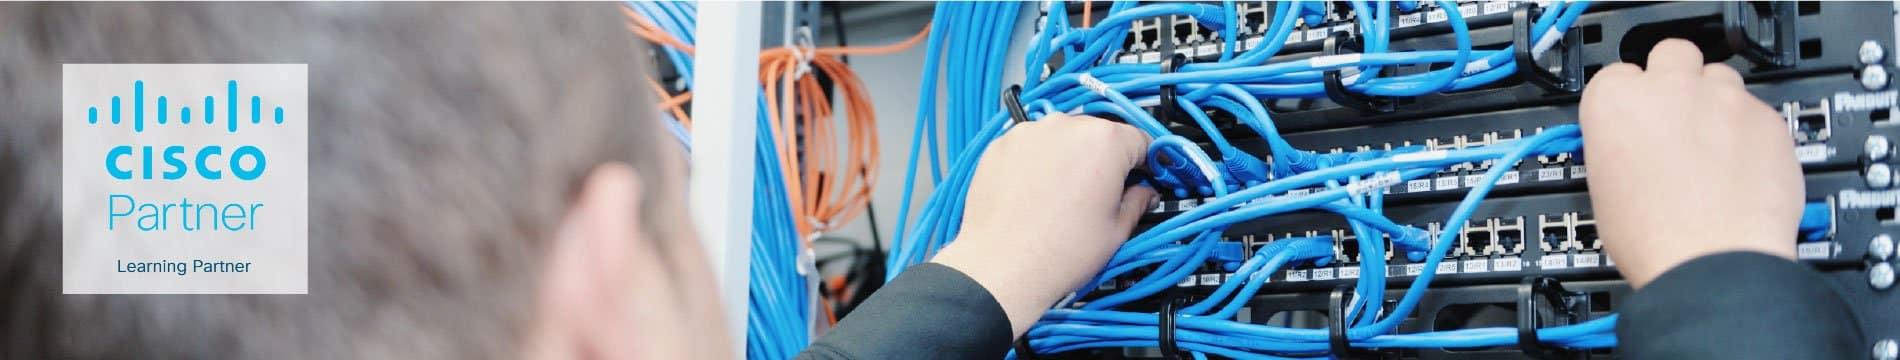 Corsi Cisco Ufficiale. Vega Training è Cisco Learning Partner, abilitato all'erogazione di tutto il catalogo formativo Cisco. Corsi CCNA, Corsi CCNP, Corsi CCIE